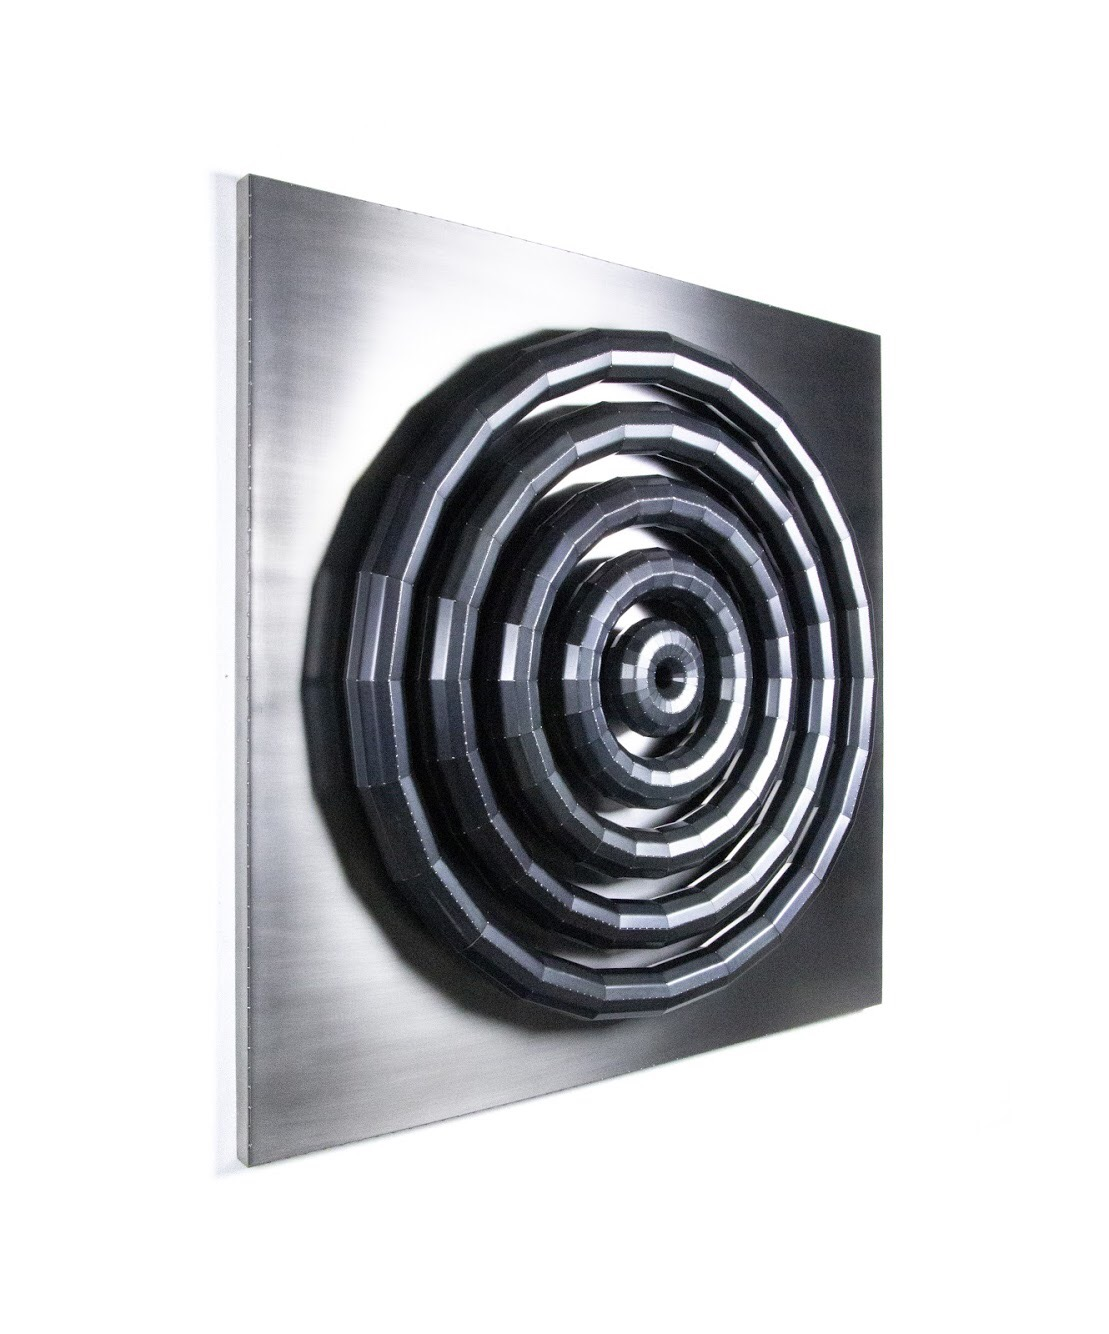 Radiate  blackened steel, stainless steel  48 x 48 x 5 in  2019